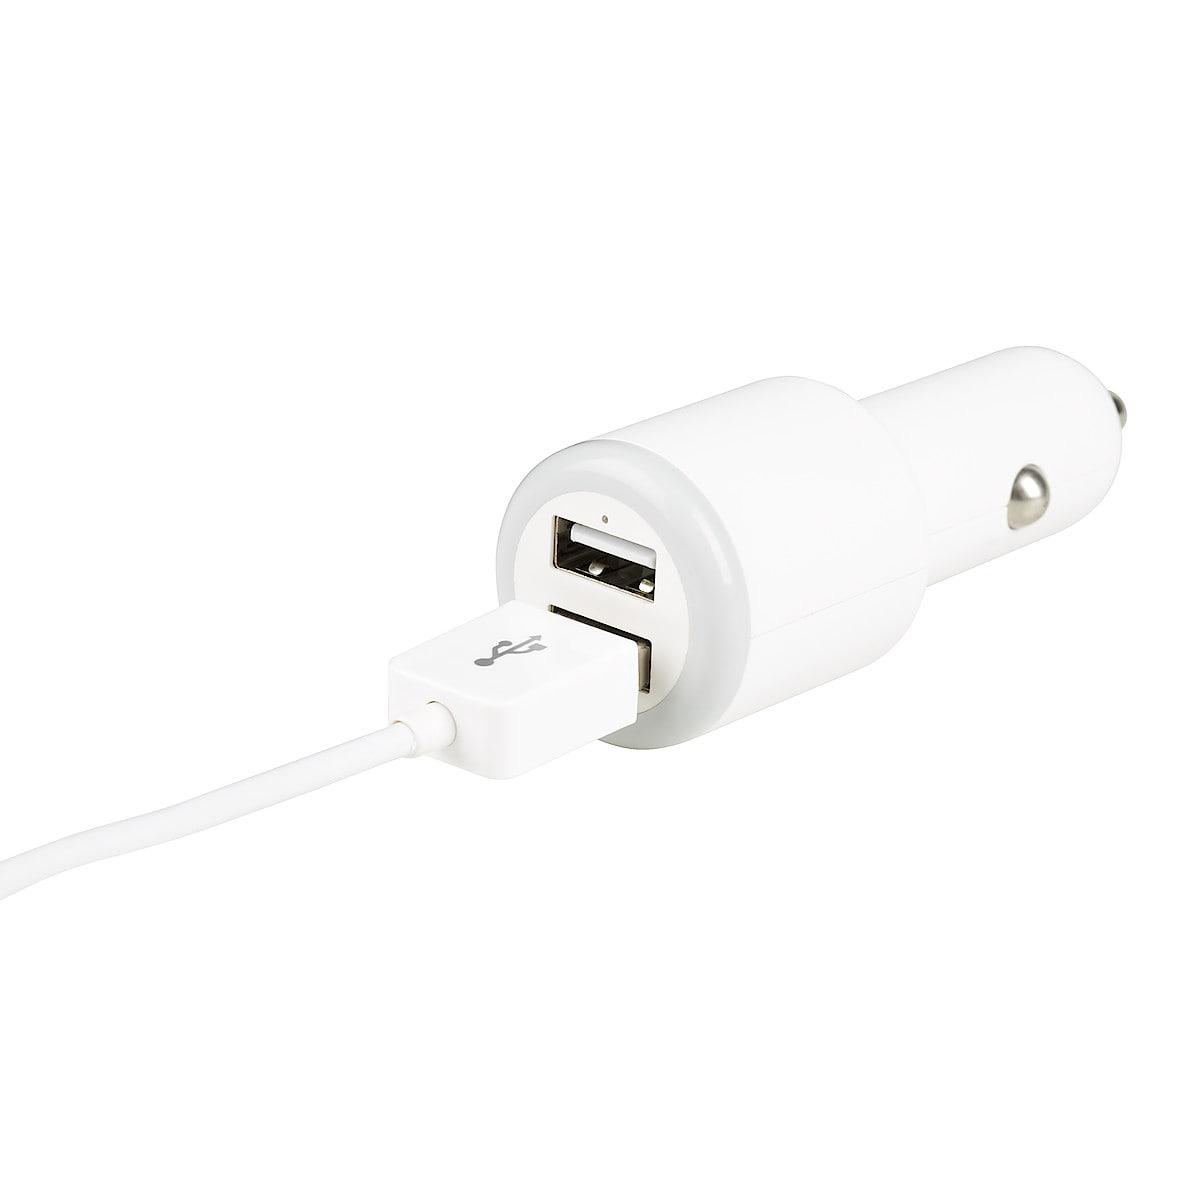 12 V-laddare för iPod/iPhone/iPad, Exibel